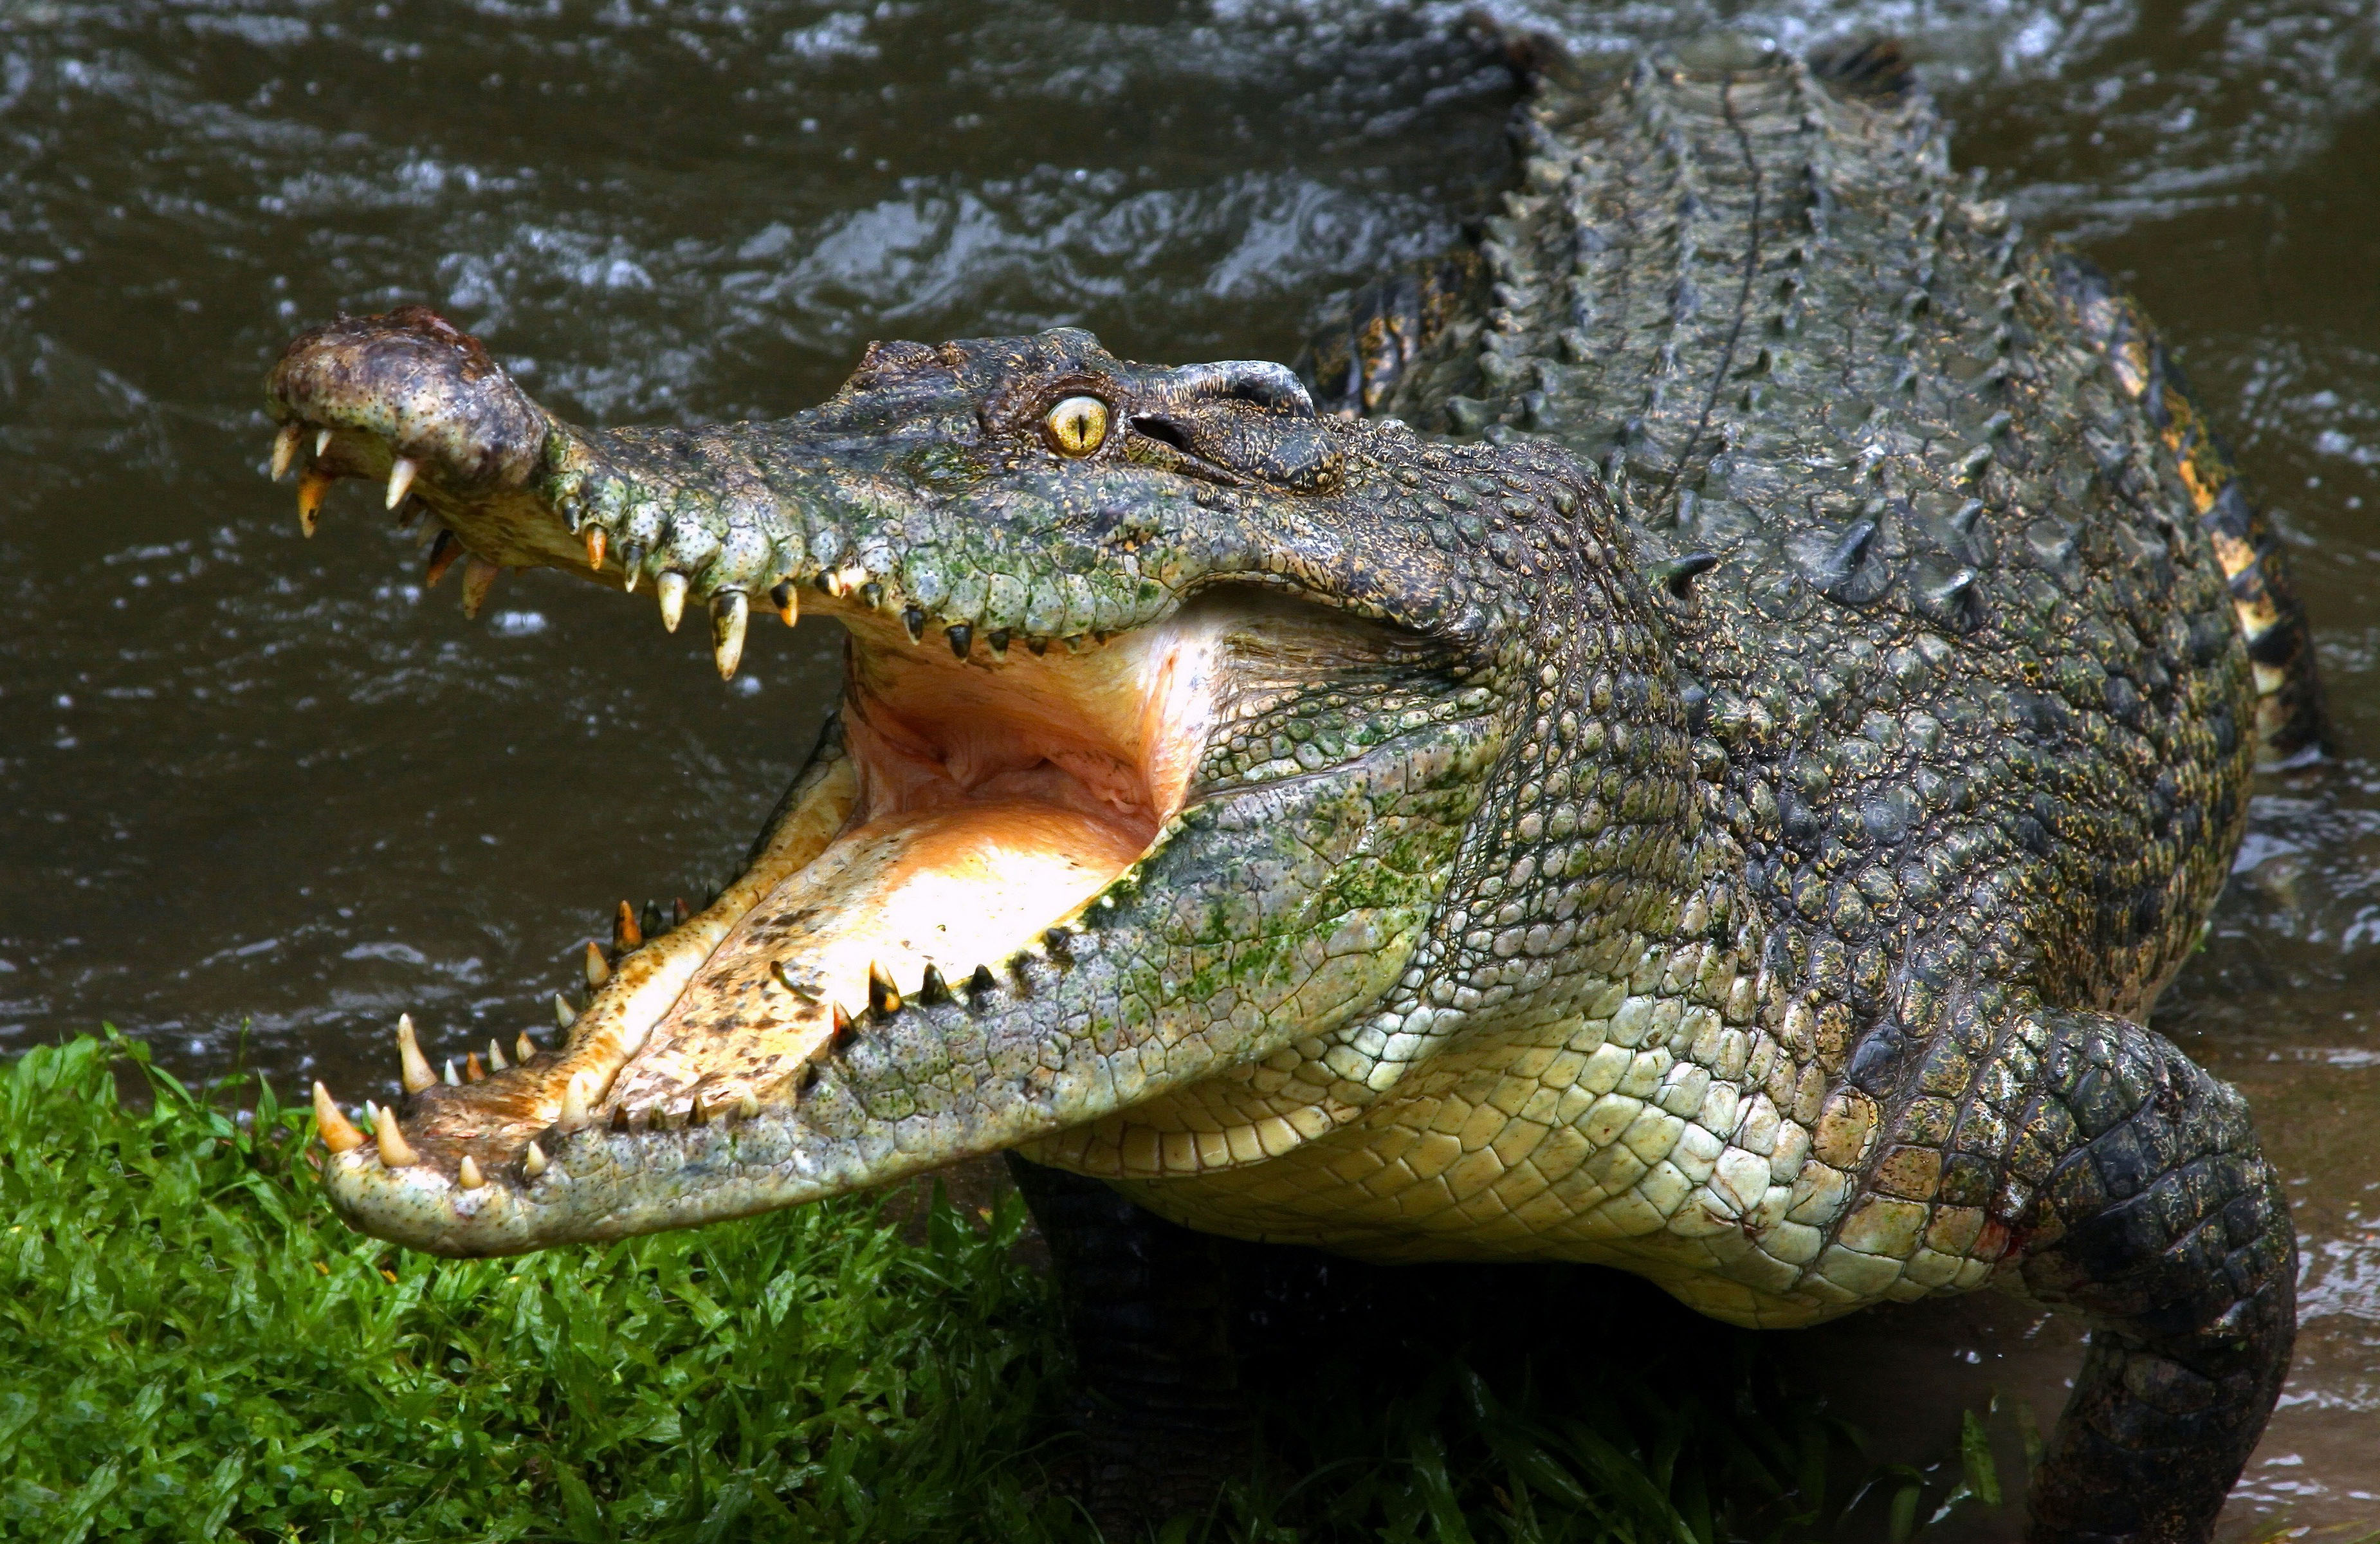 Огромный крокодил с большими зубами, картинки животных рептилии, 3700 на 2400 пикселей